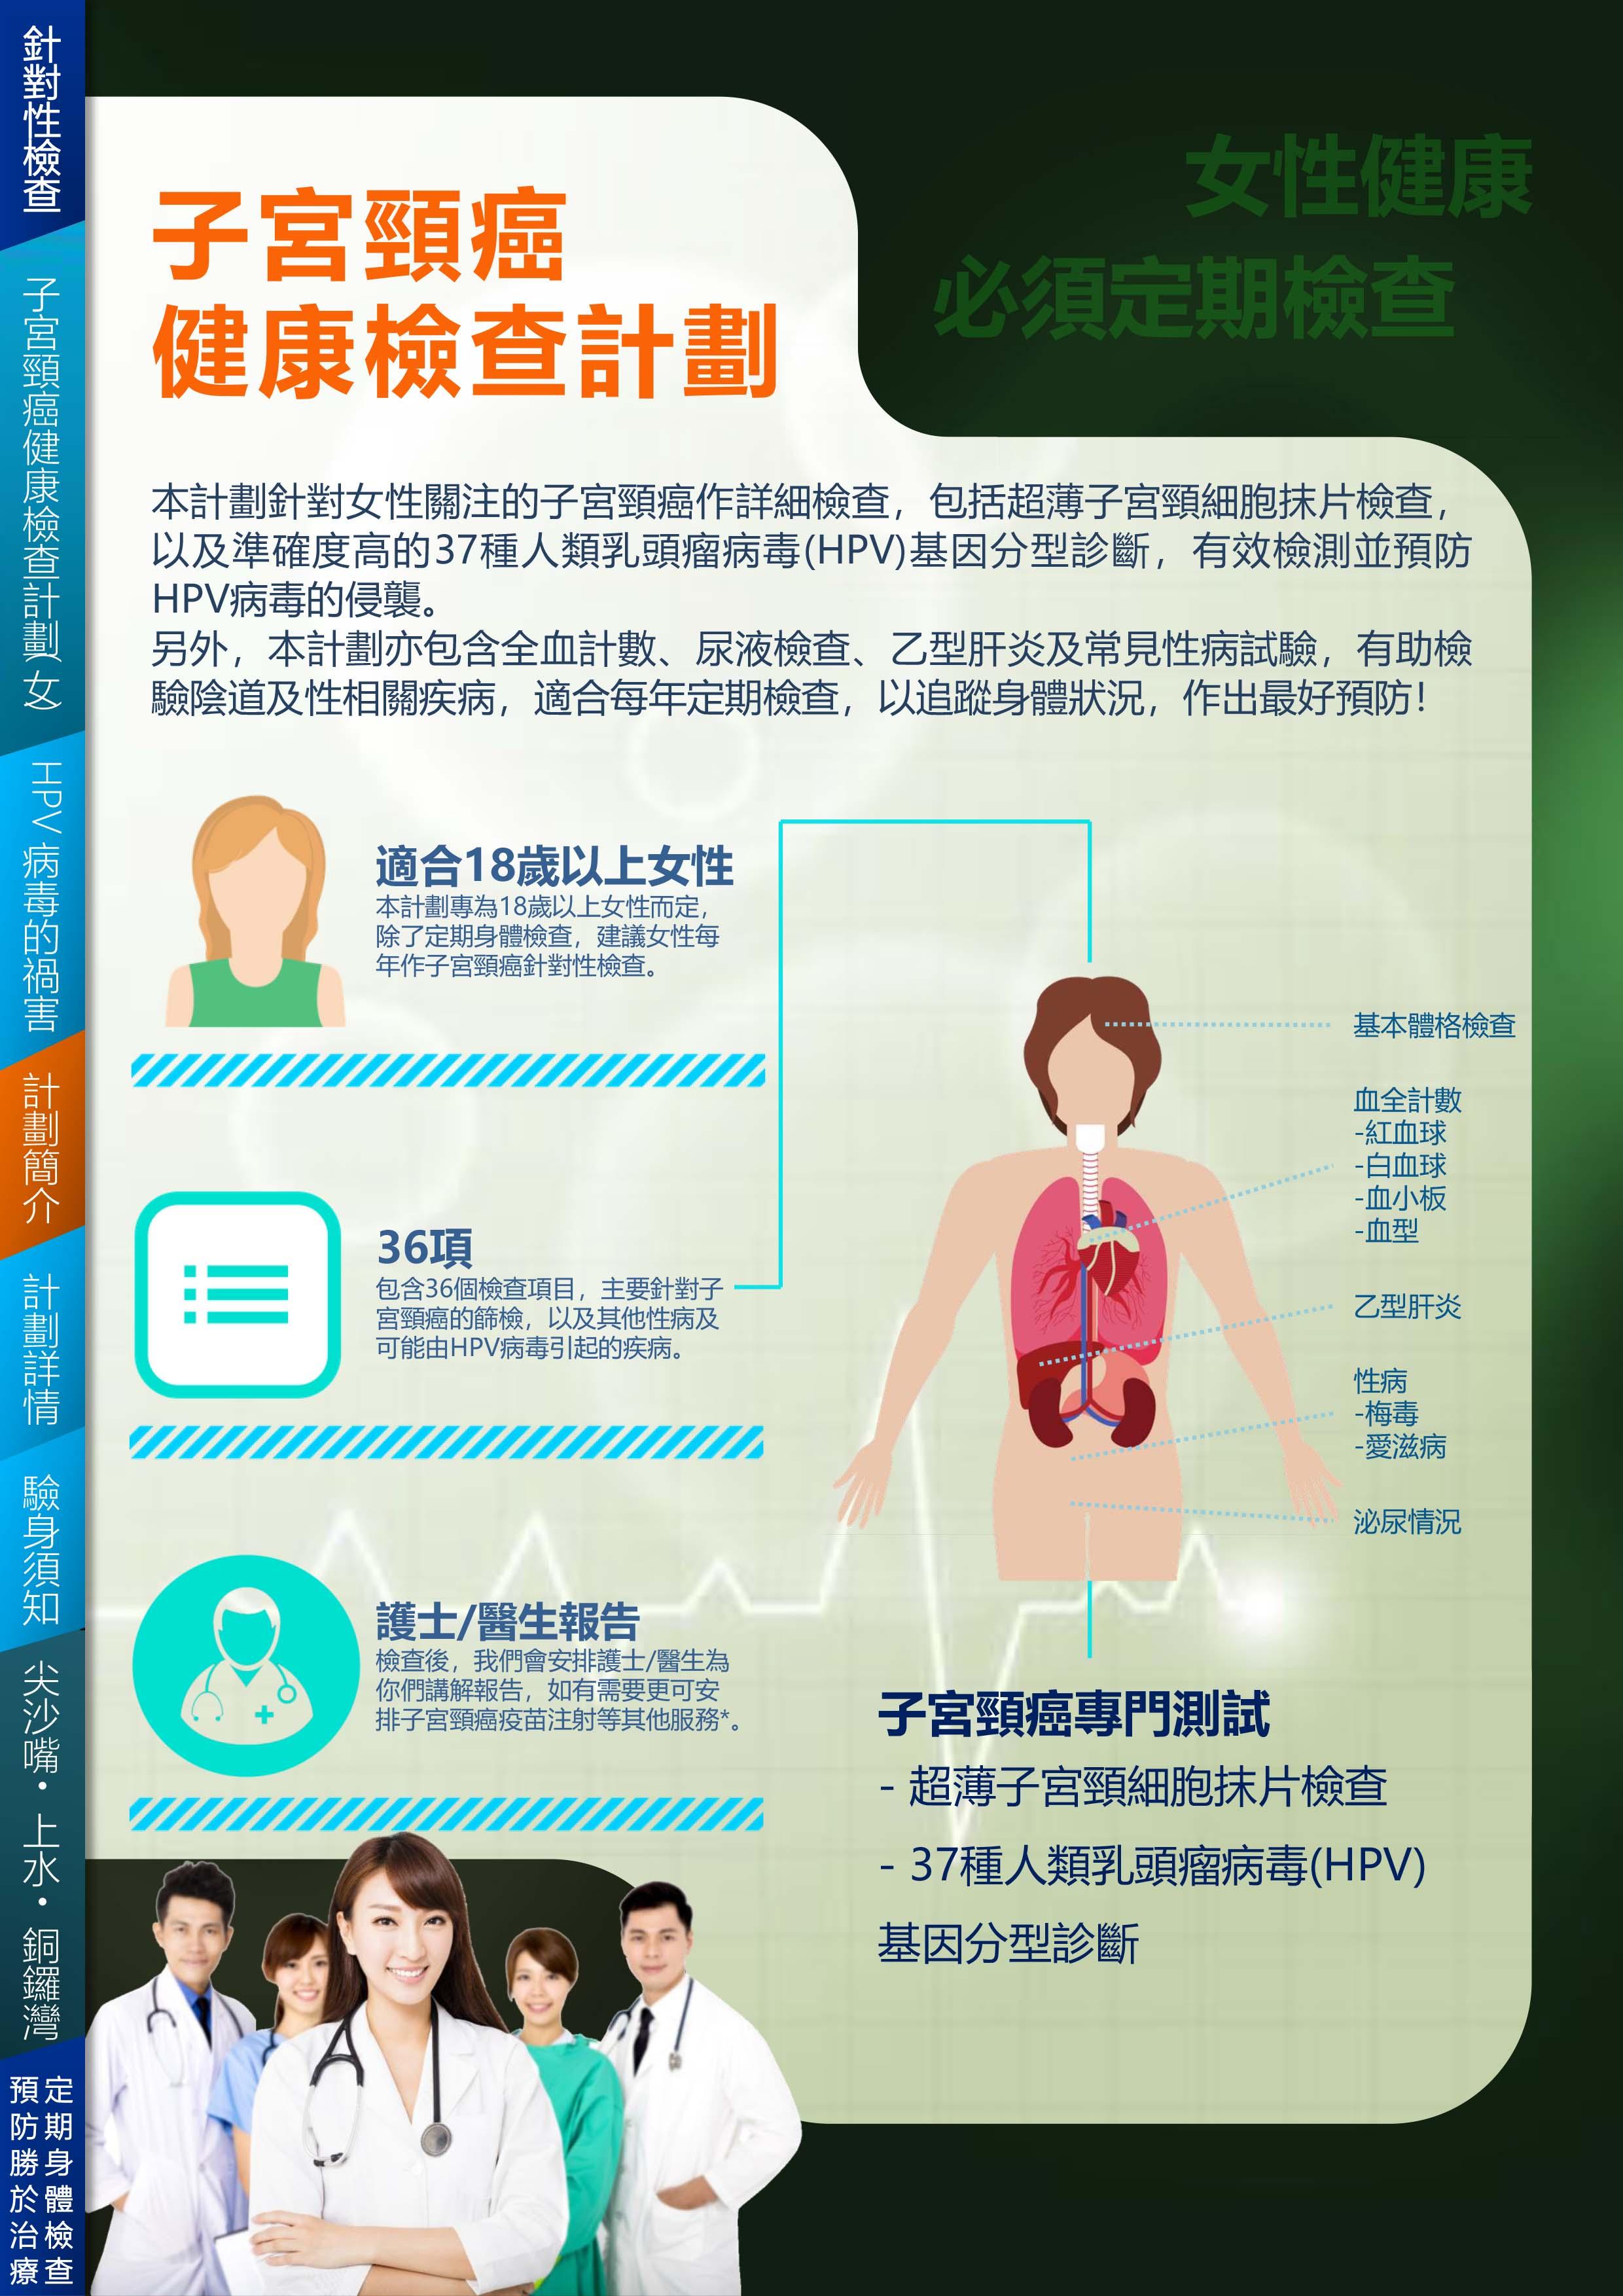 2j-cervical-cancer-detail-check-3.jpg